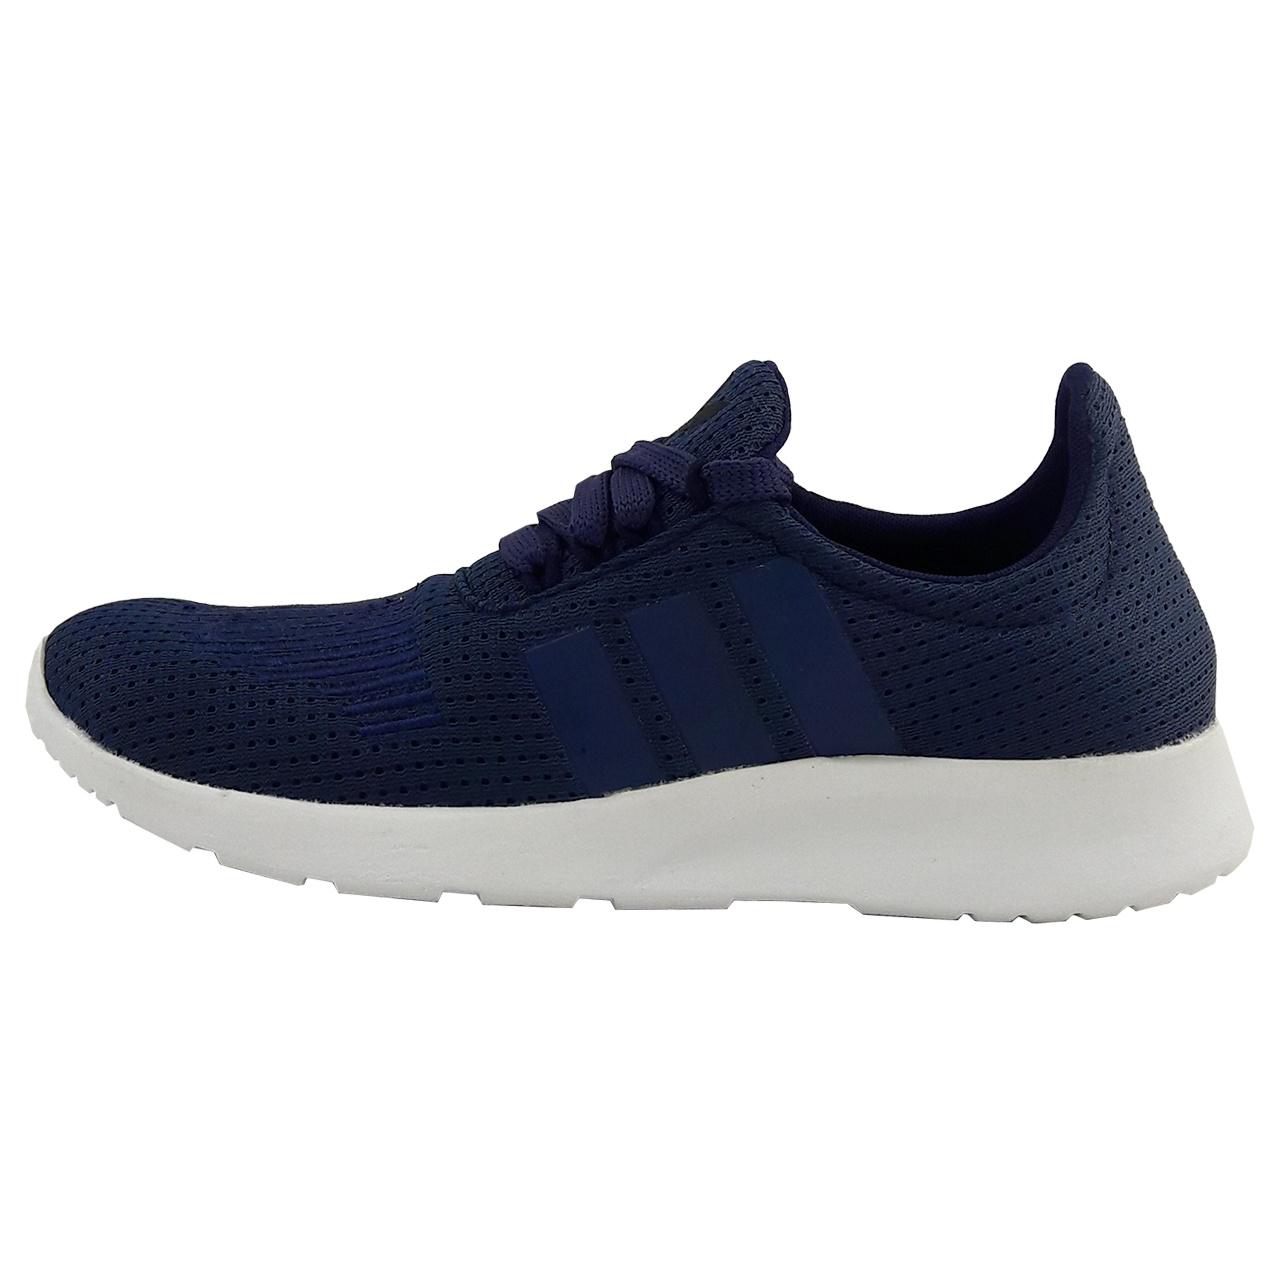 کفش مخصوص پیاده روی زنانه مدل Ad.gldz.nvy-01